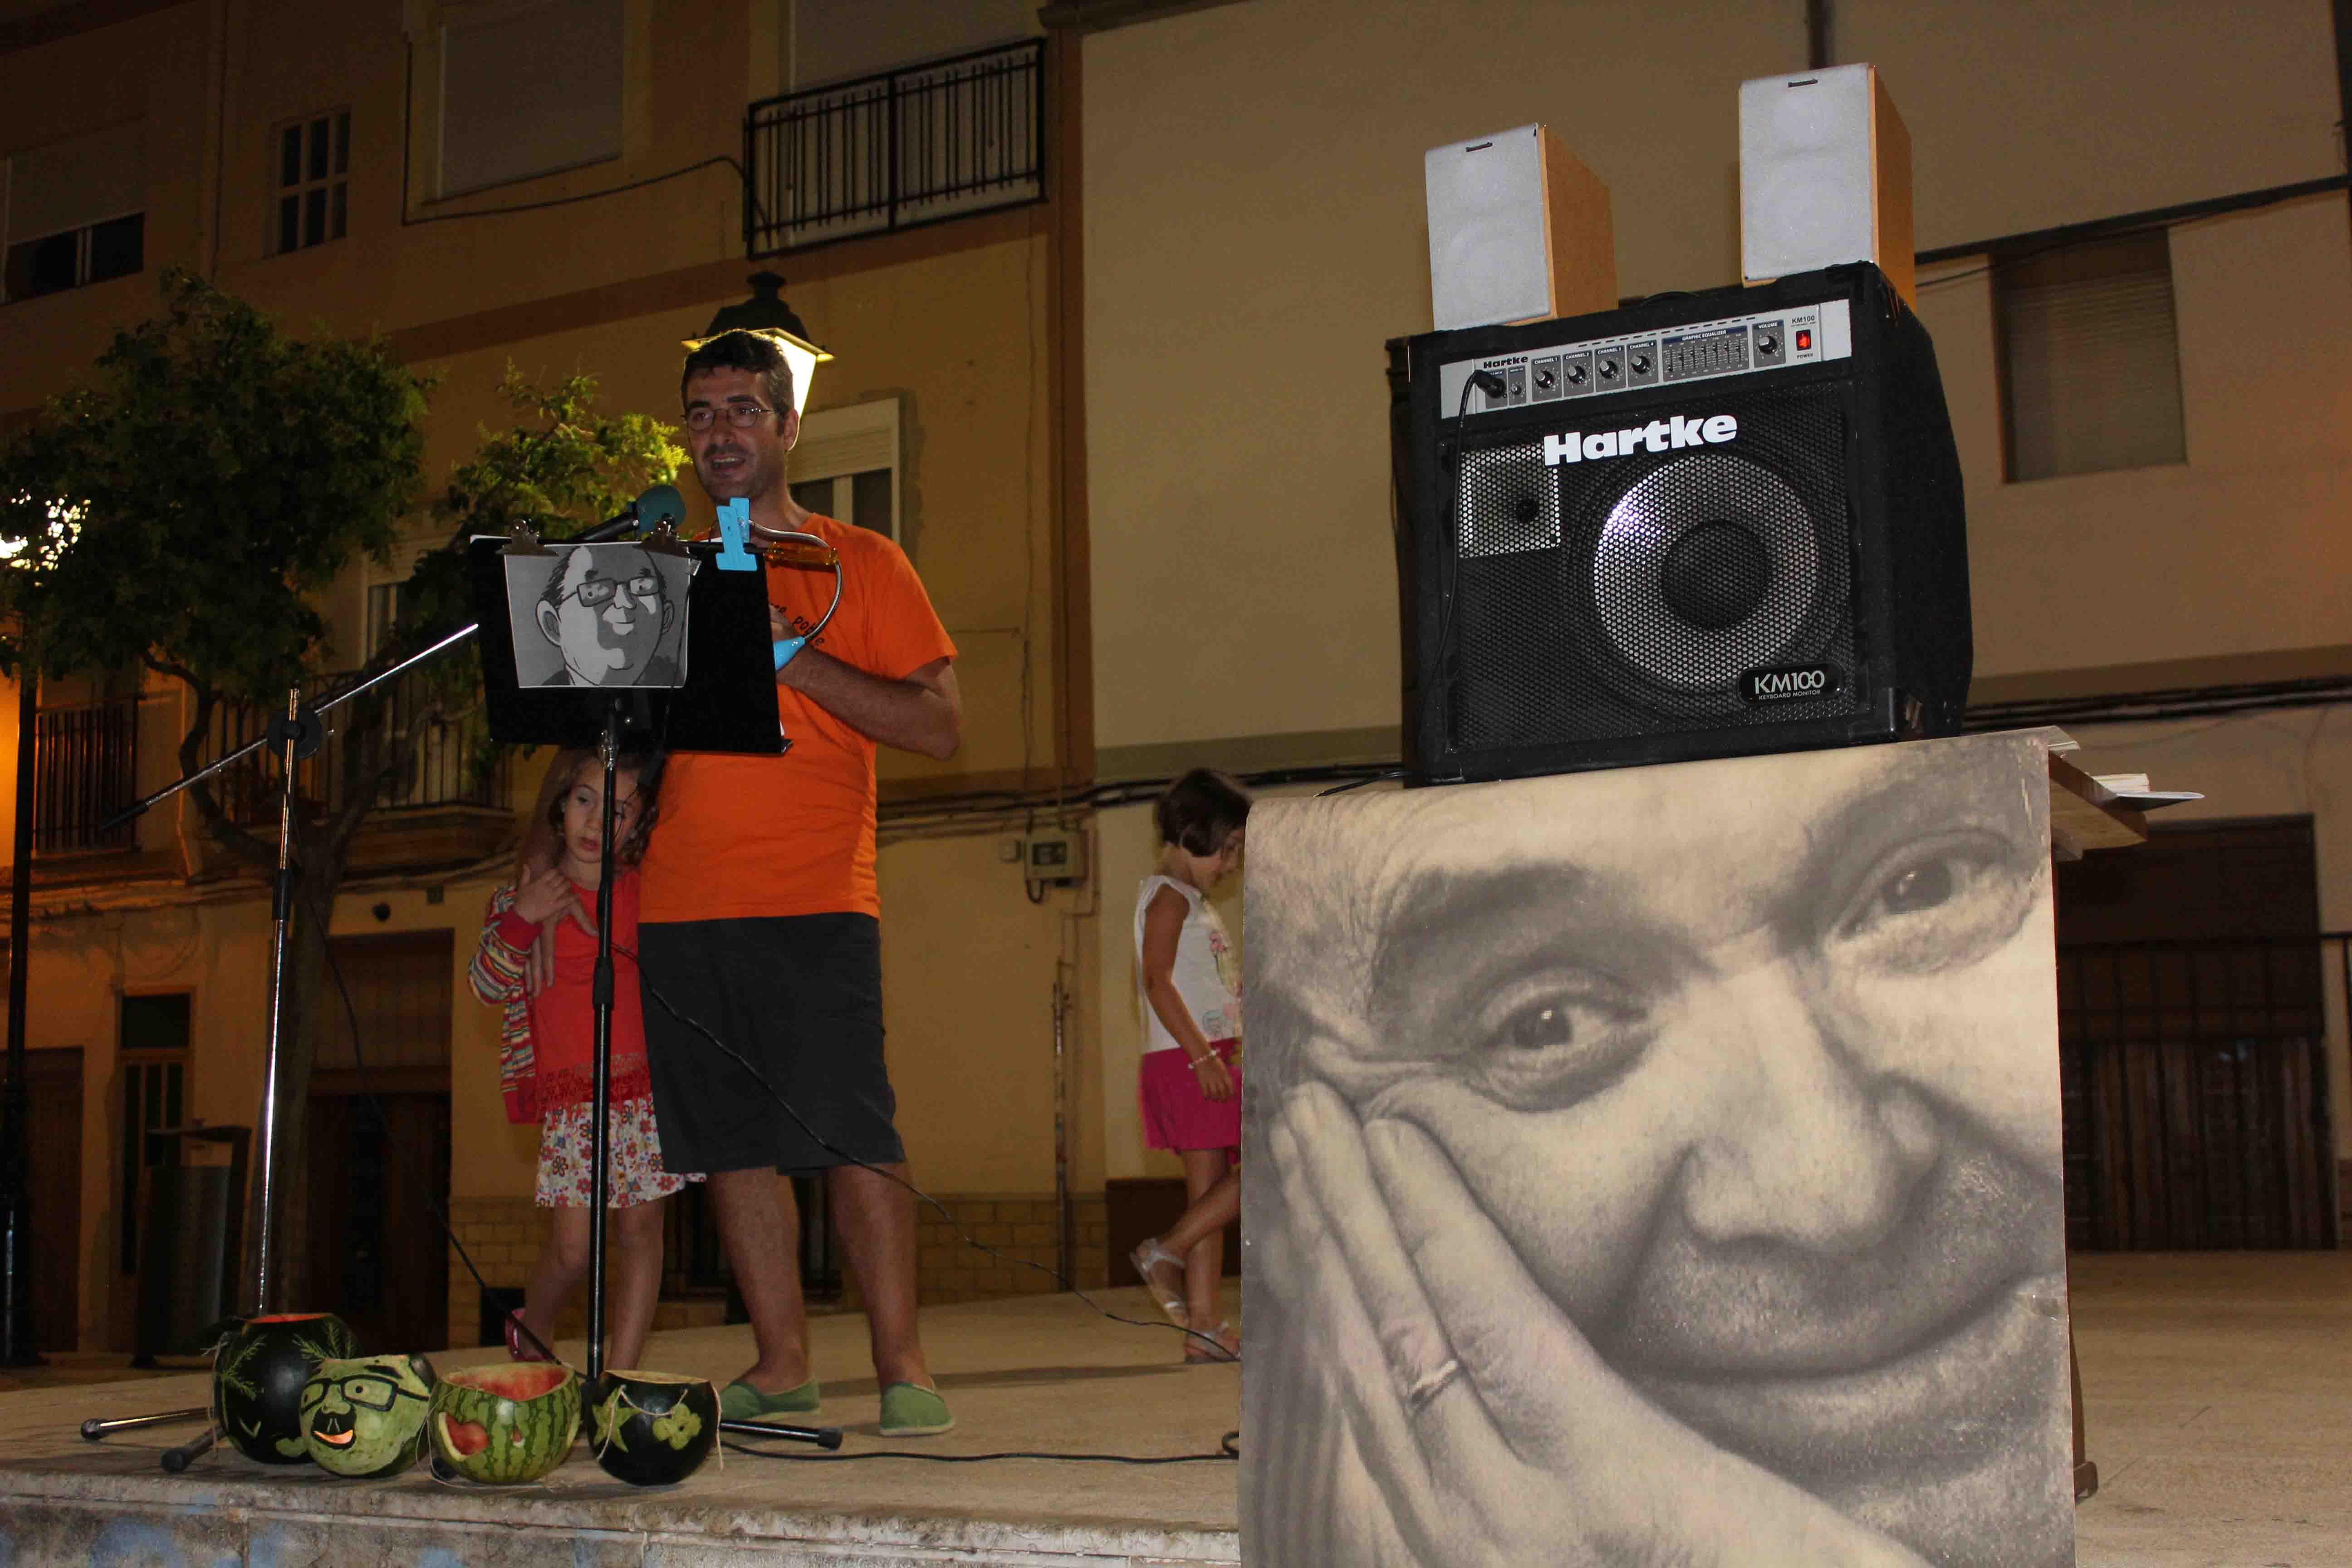 Més de 80 persones participen en la Festa Estellés de Quart de Poblet